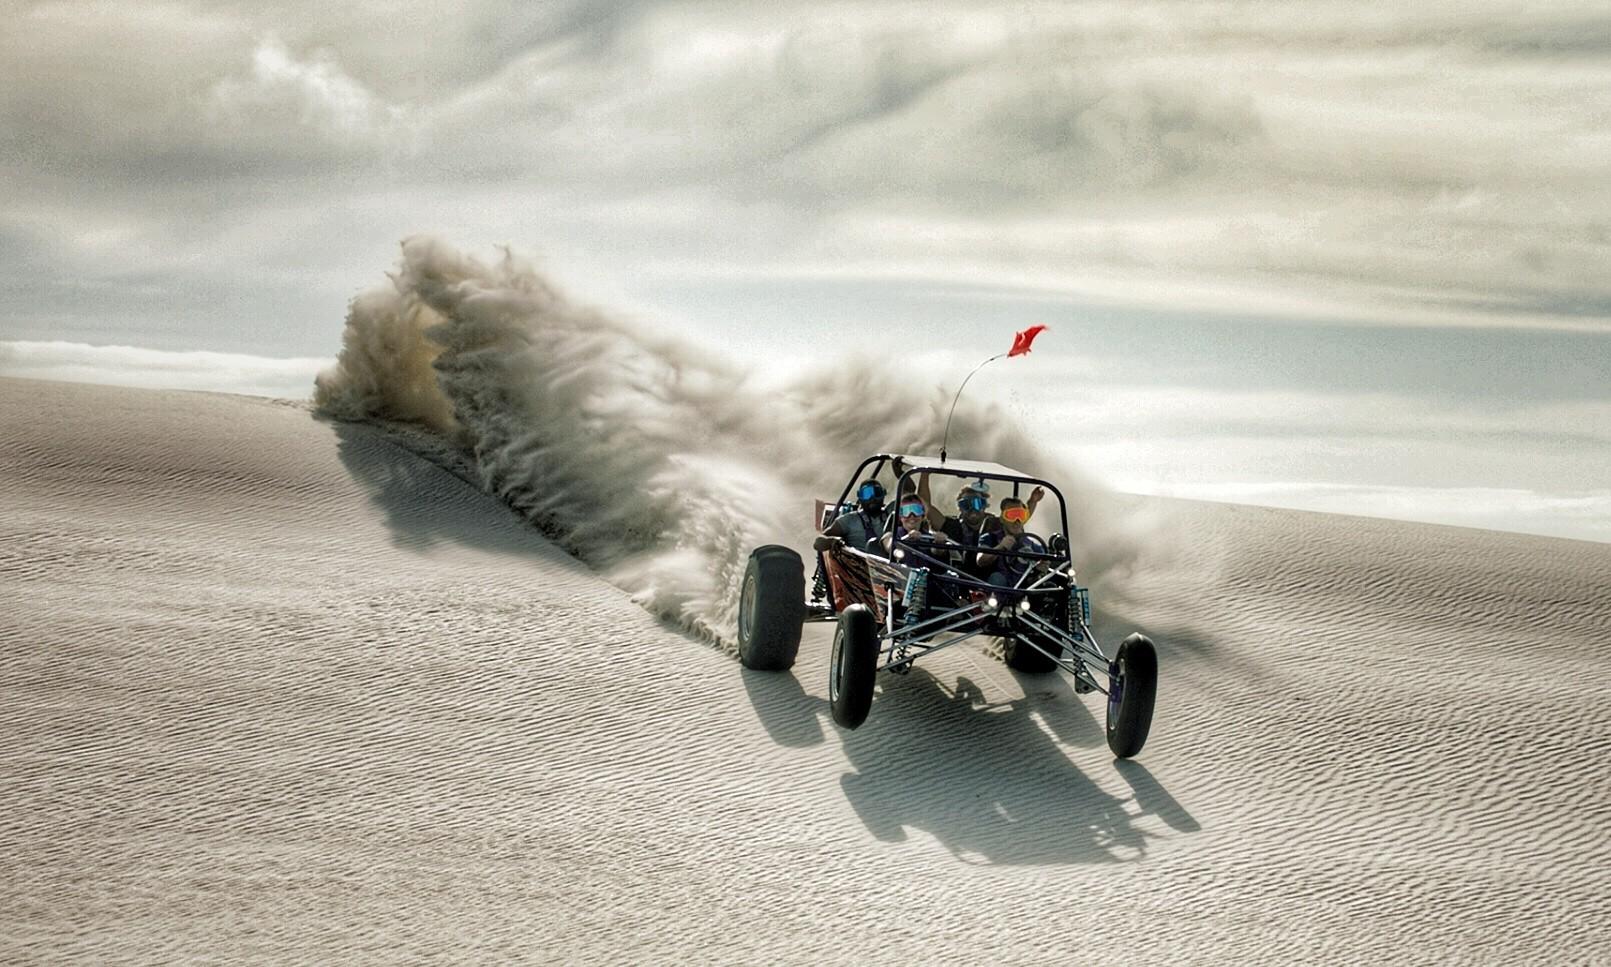 dune thrasher sandblasting